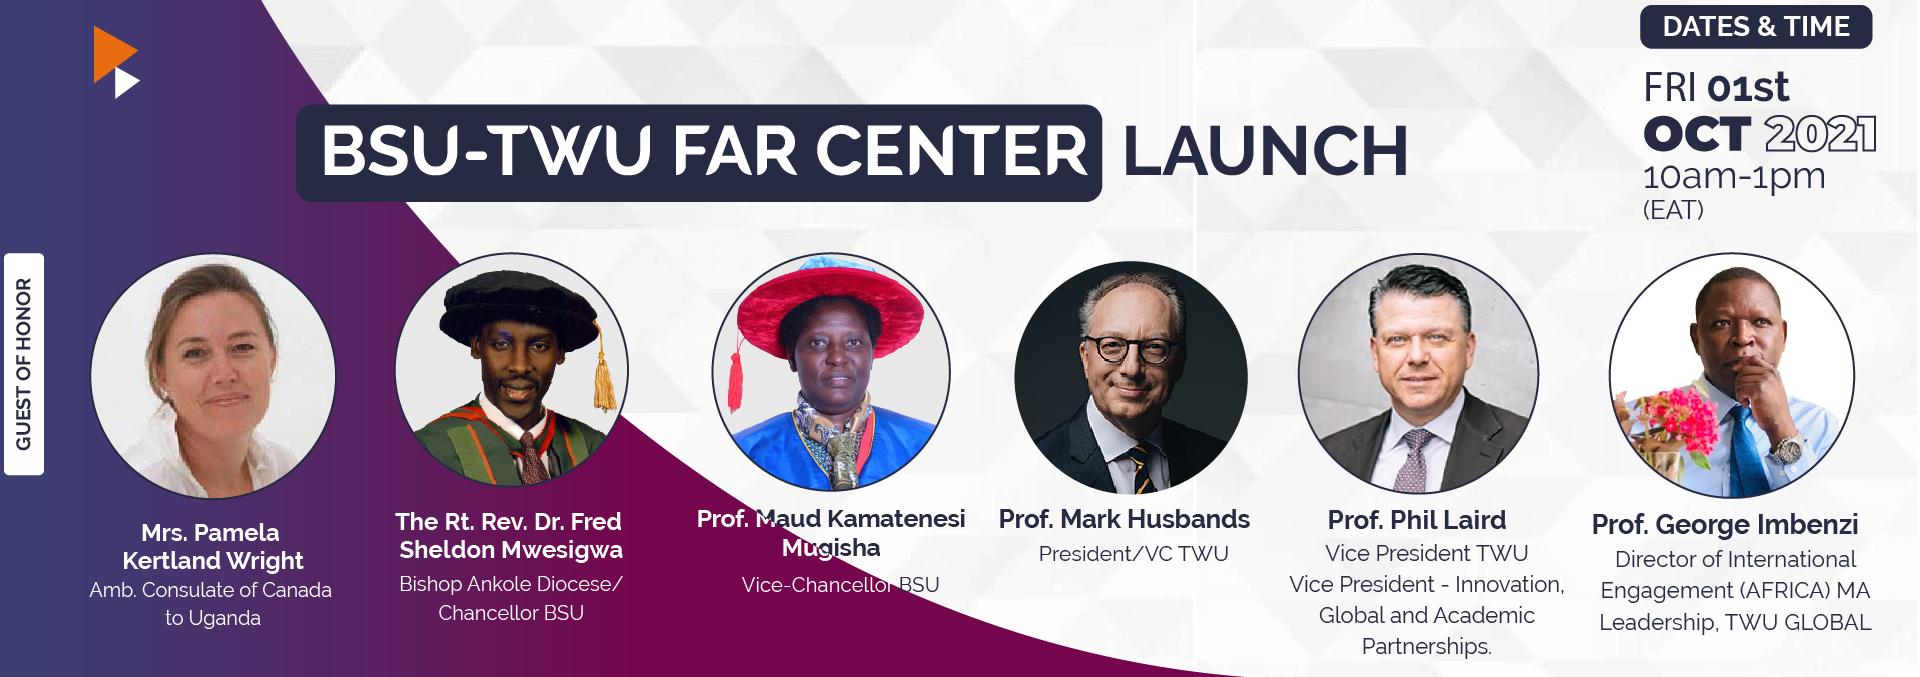 BSU TWU FAR Center Launch Event-01-10-2021